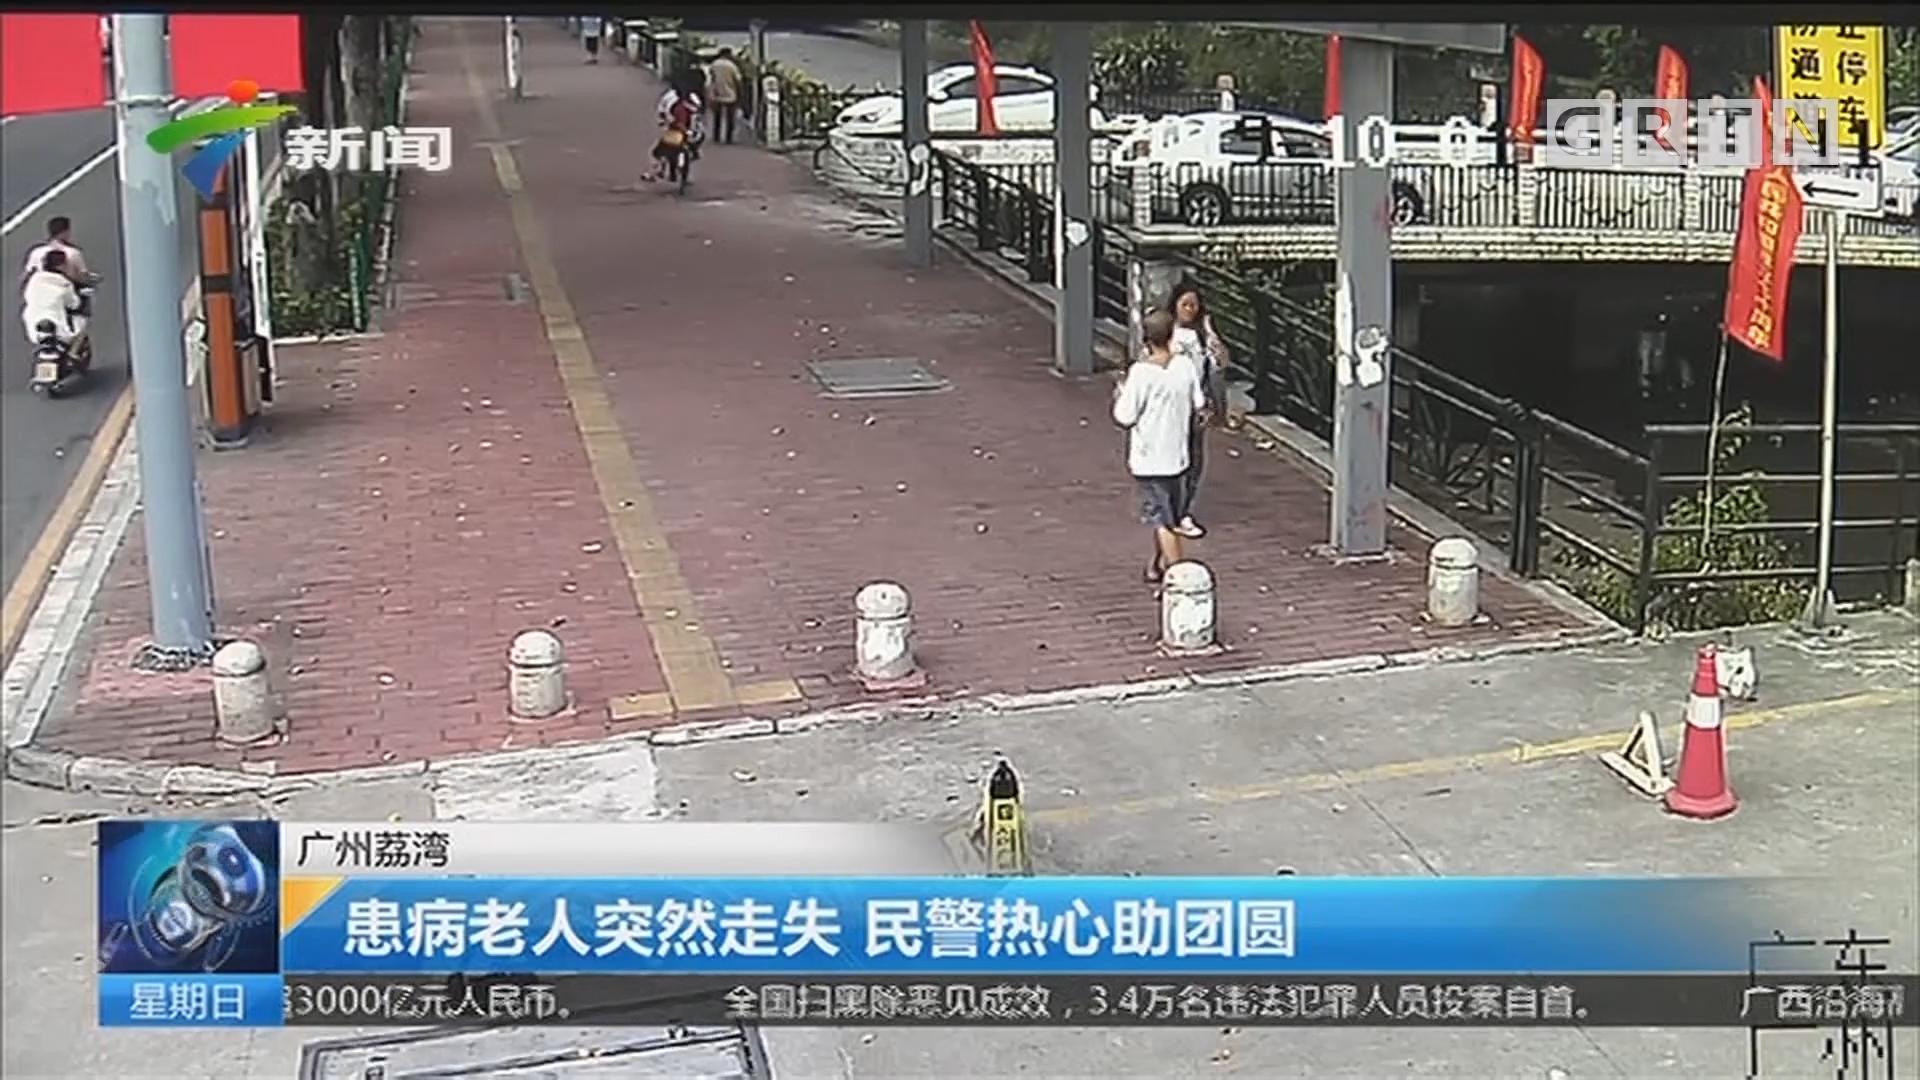 广州荔湾:患病老人突然走失 民警热心助团圆